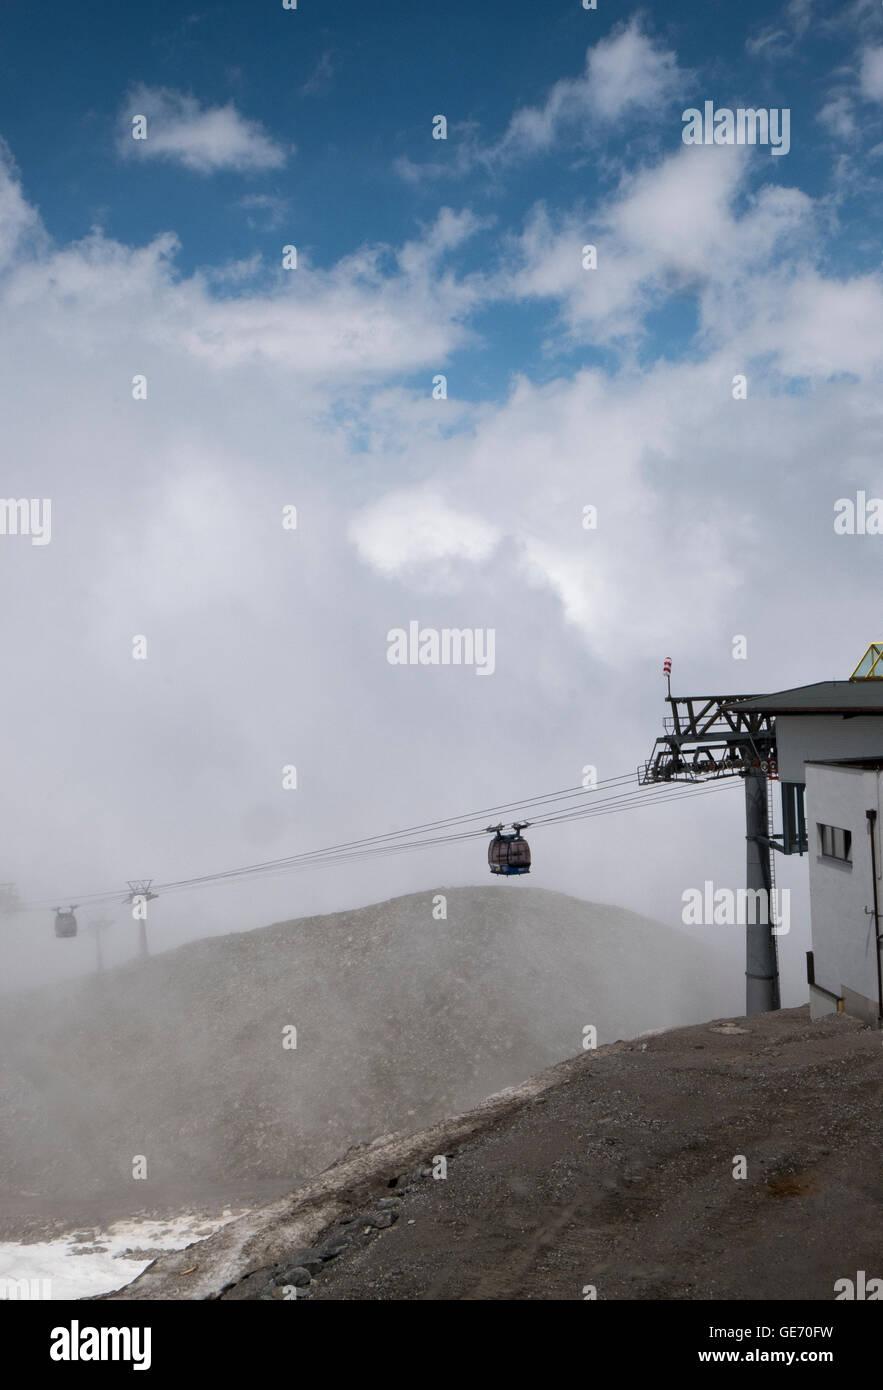 Scenes around Mayrhofen in Austria - Stock Image